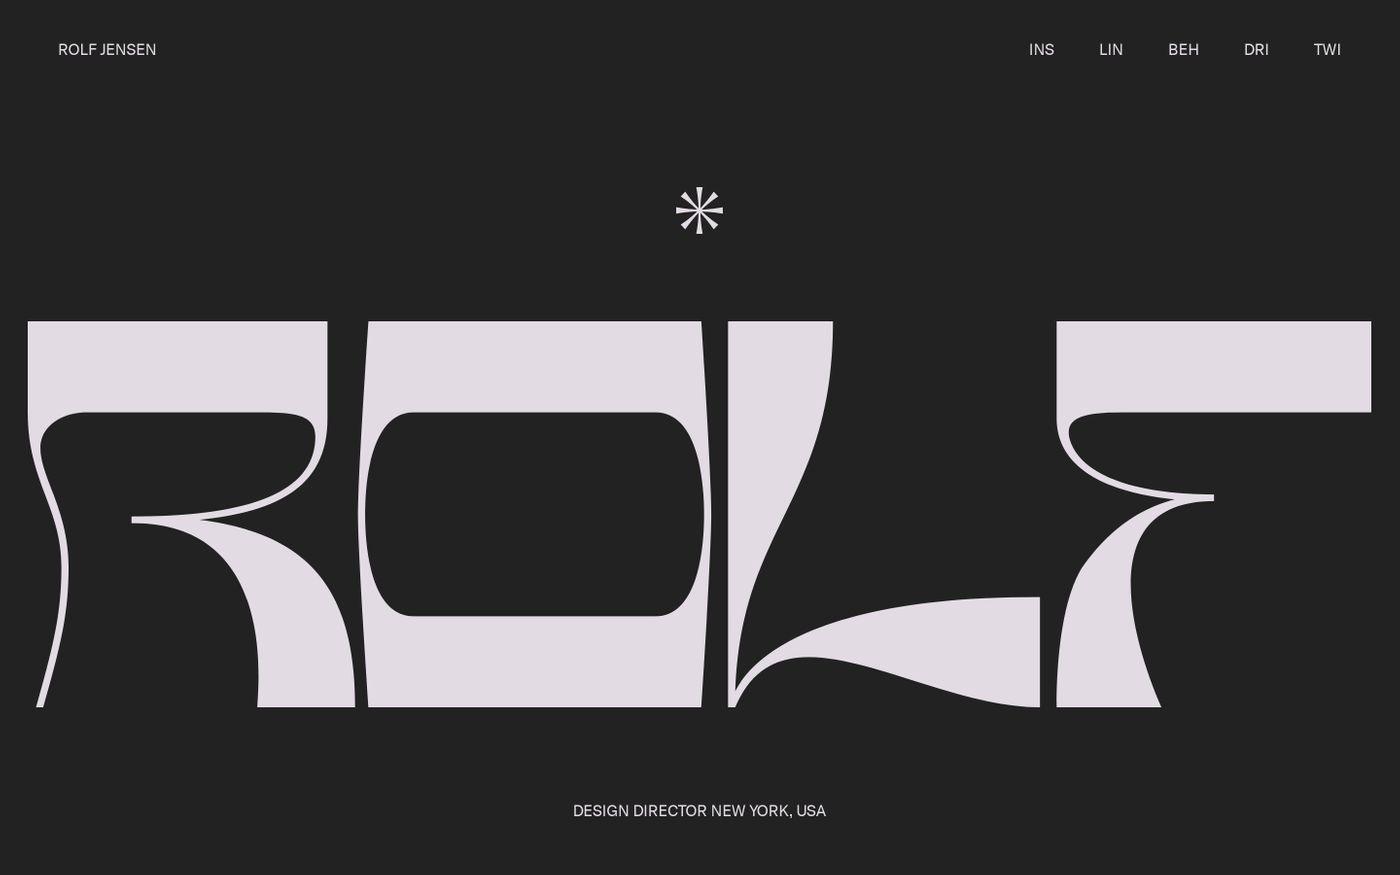 Screenshot of Rolf Jensen | TEMP SITE V0.5 website